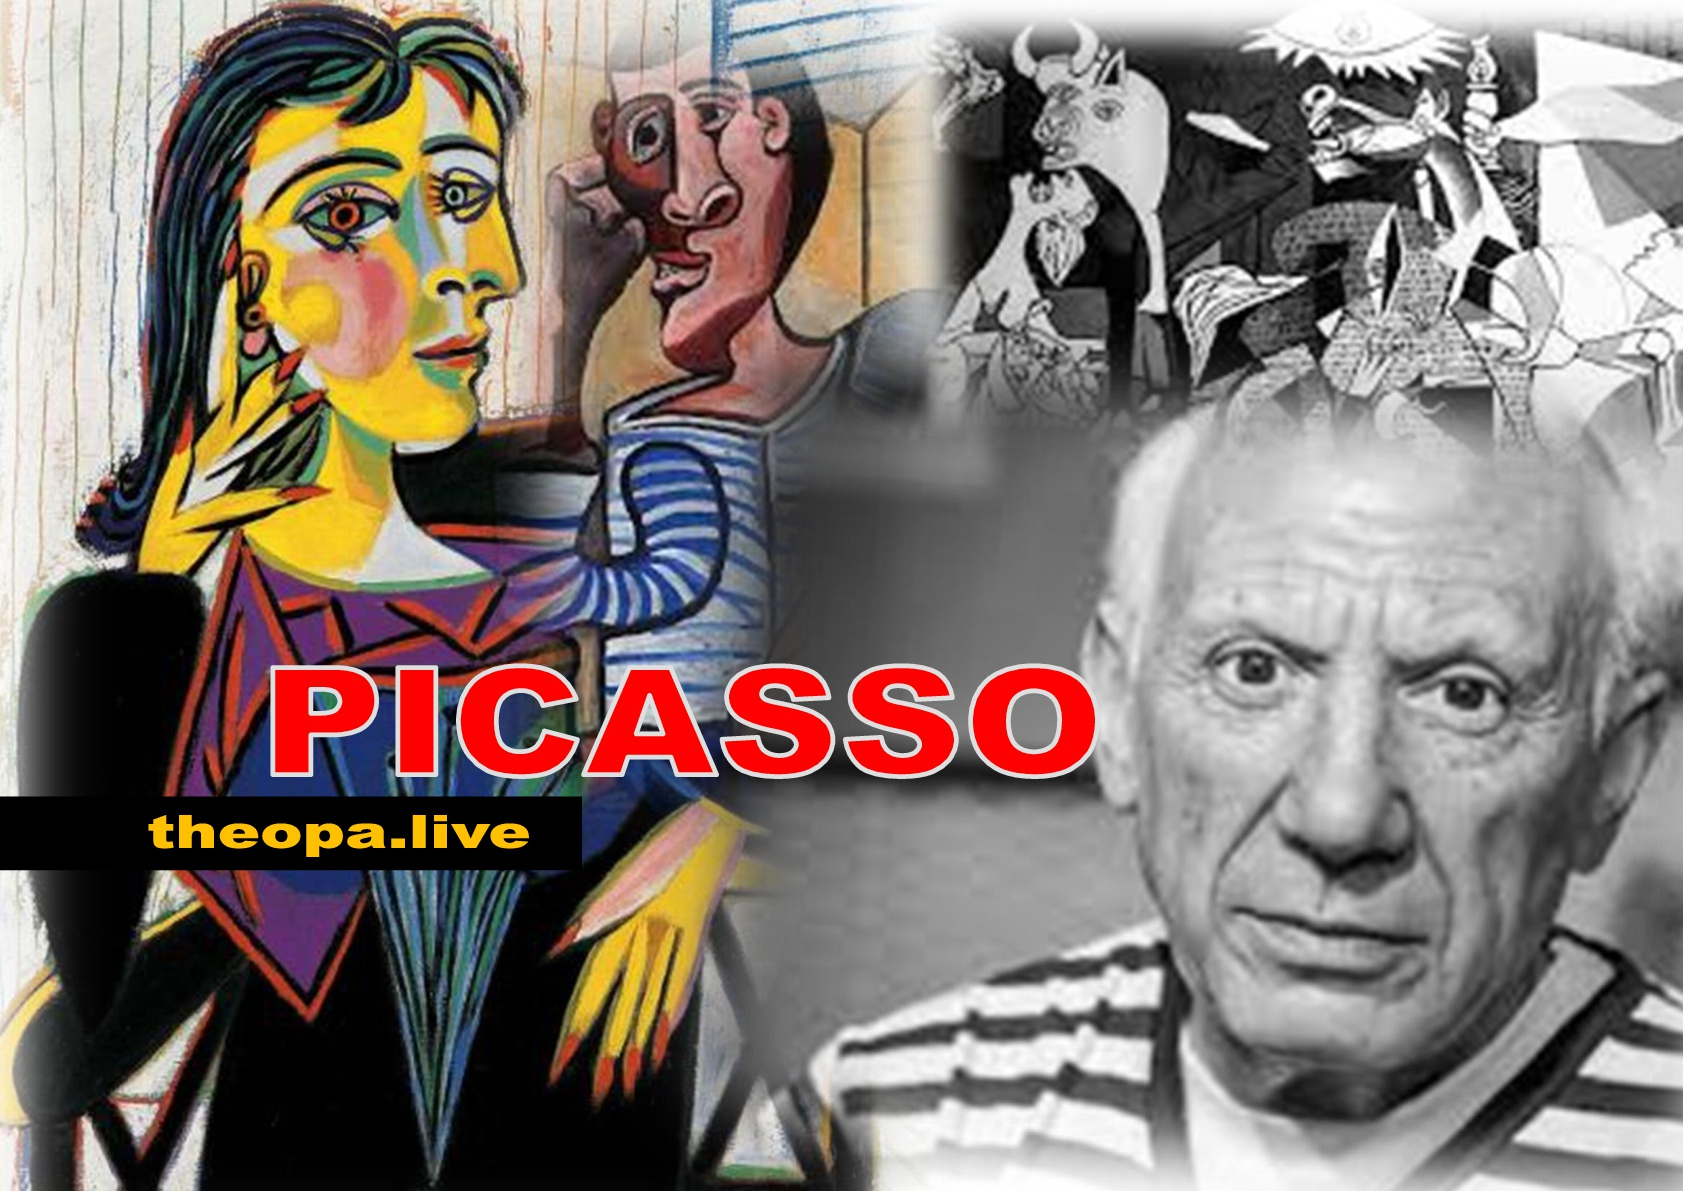 PICASSO SU THEOPA.LIVE